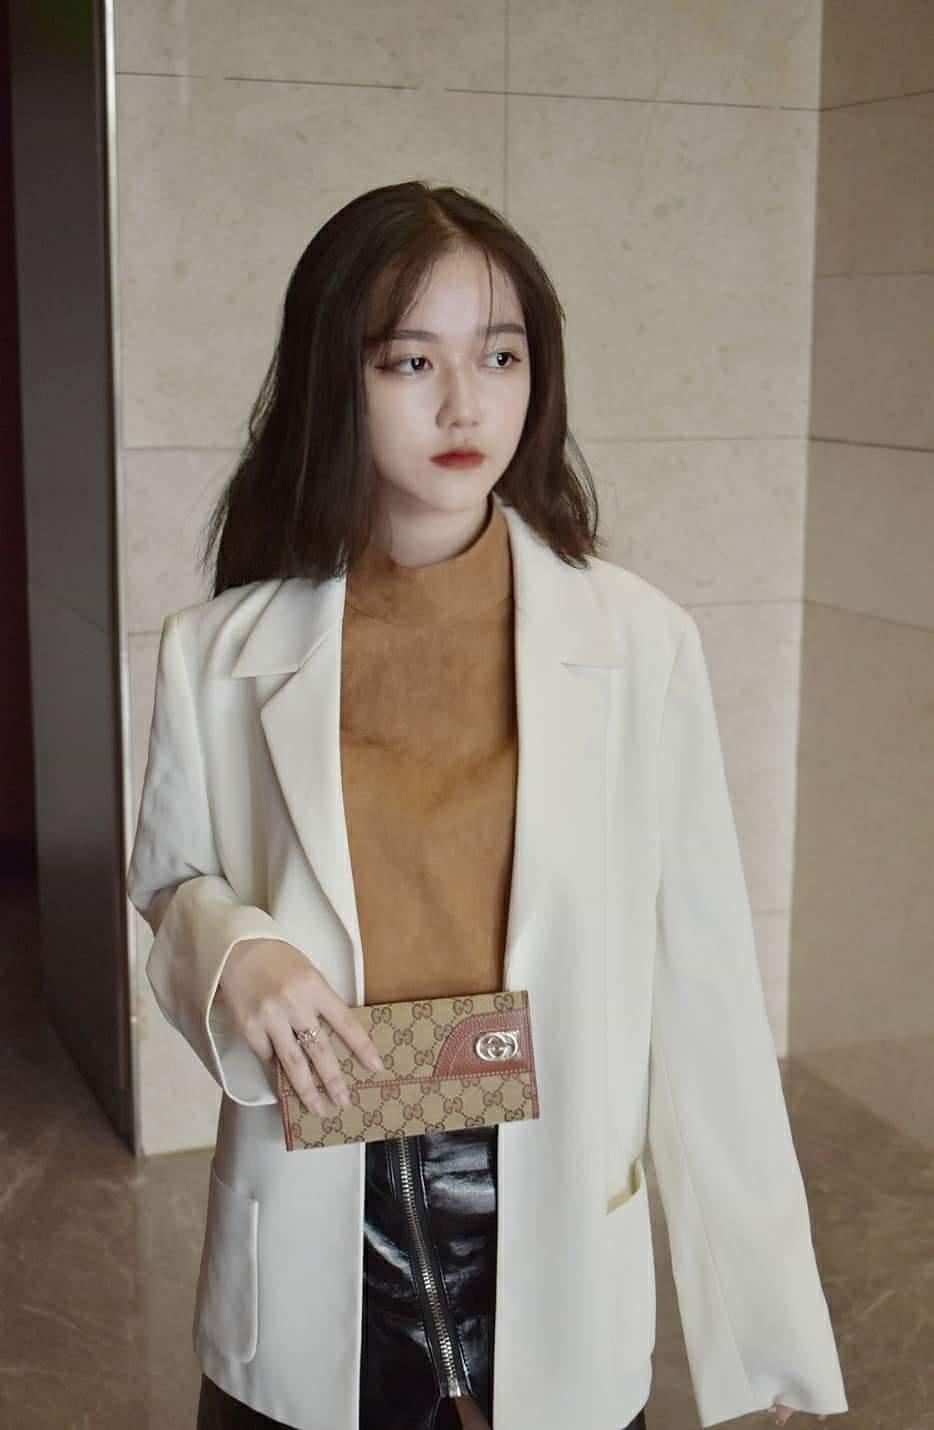 10x Sài Thành tài năng, xinh đẹp như mỹ nhân xứ Hàn - Hình 2